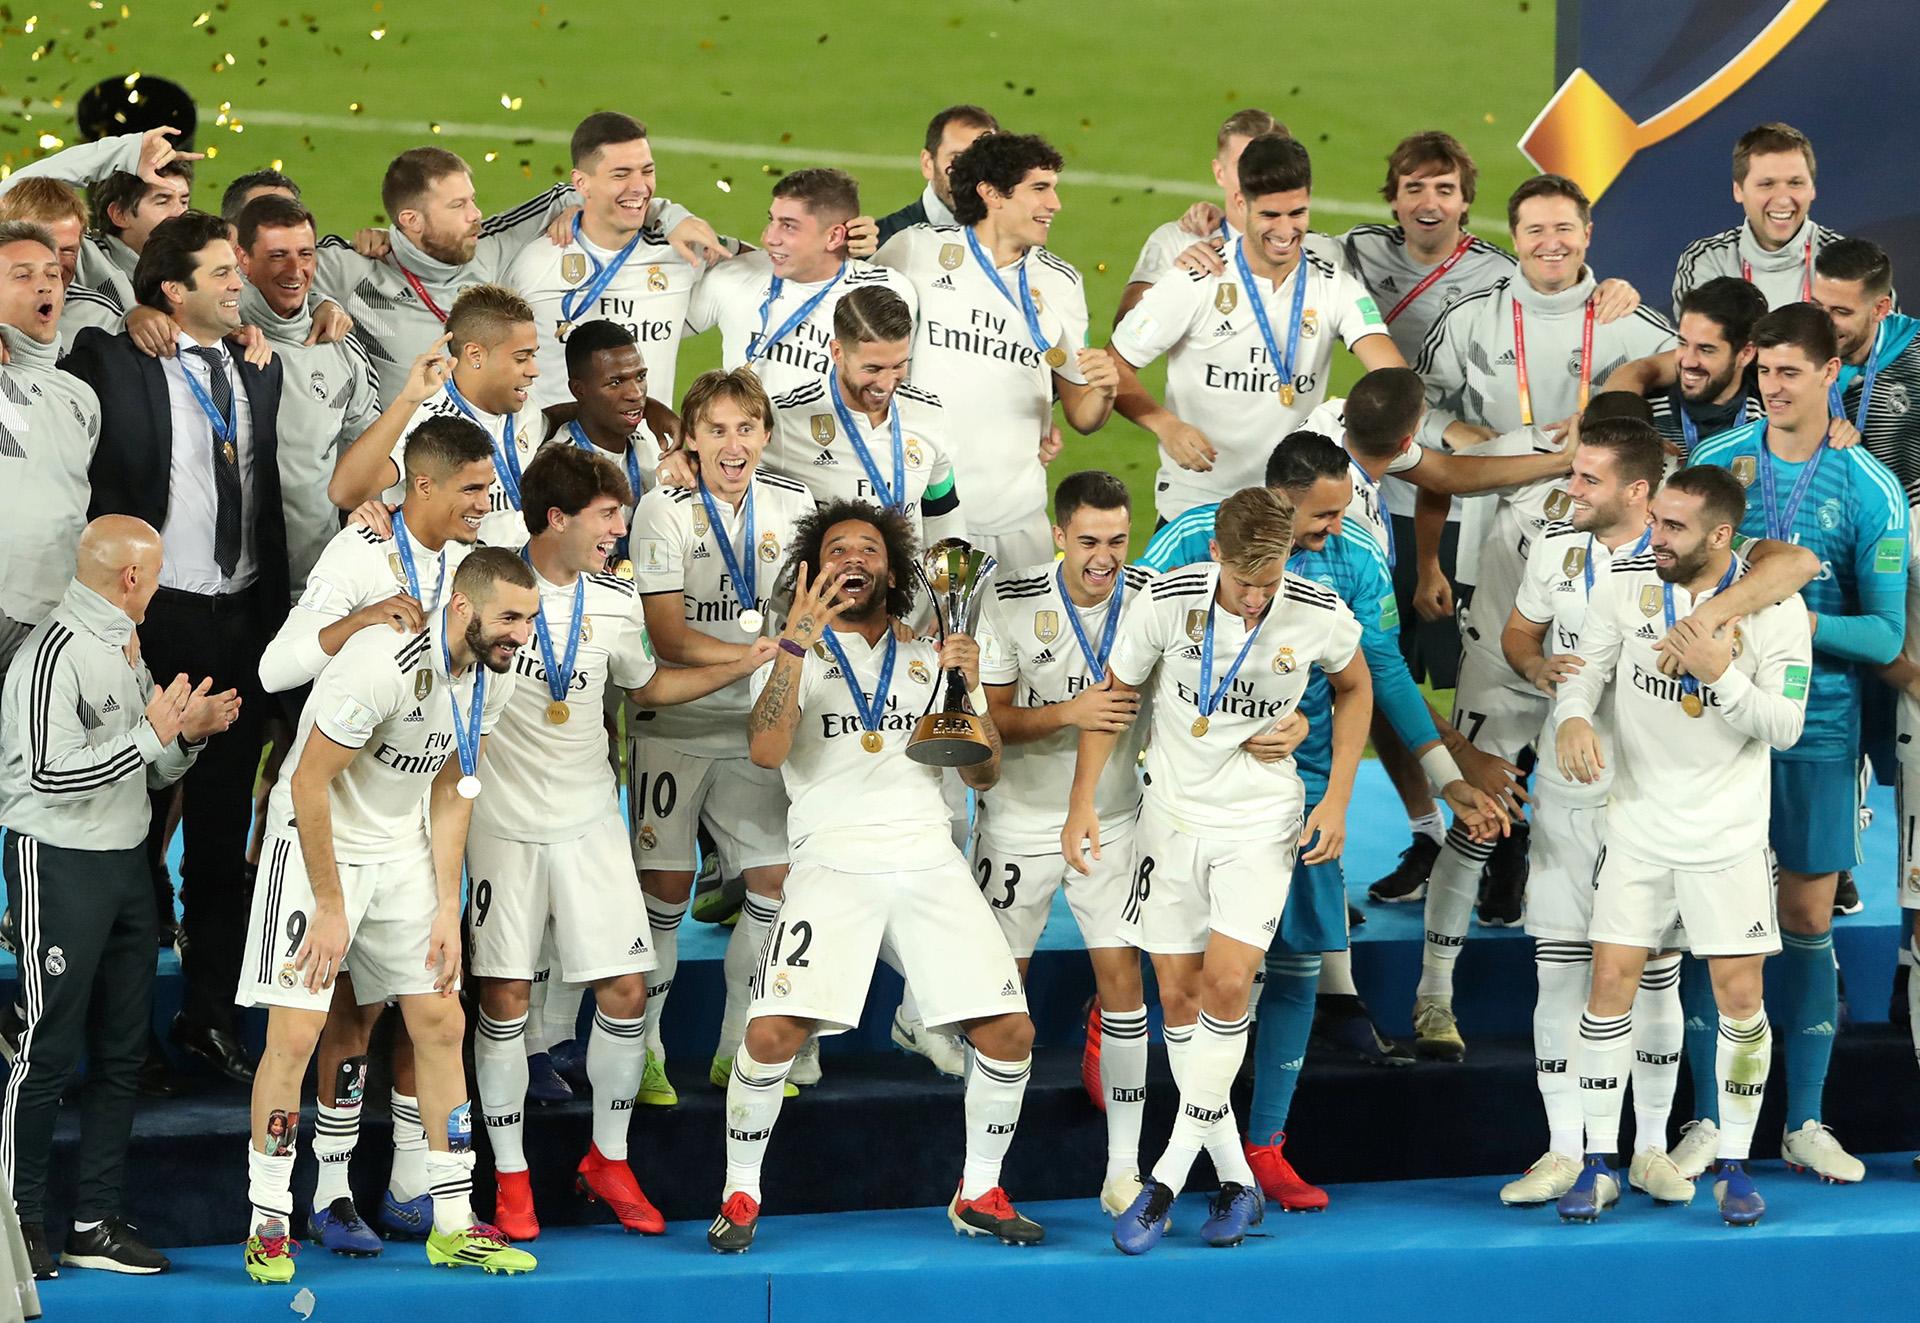 El Real Madrid hizo historia el 22 de diciembre al superar al club Al Ain por 4 a 1 en Abu Dhabi y ser el primer equipo en proclamarse campeón del Mundial de Clubes en tres años consecutivos